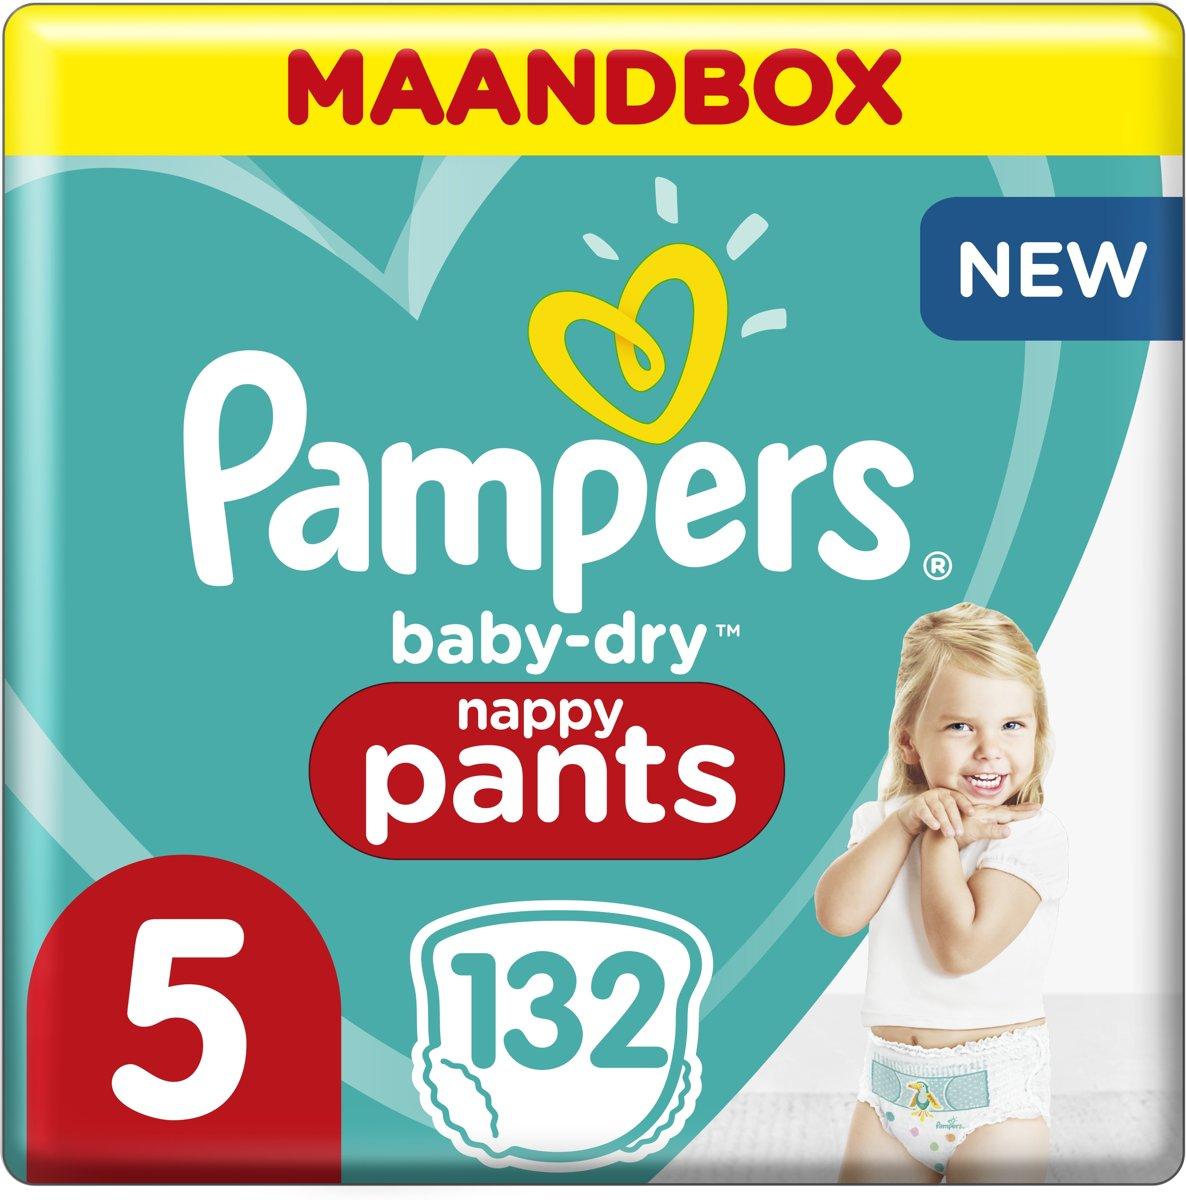 Pampers Baby-Dry Pants Luierbroekjes - Maat 5 (12-17 kg) - 132 stuks - Maandbox - Pampers